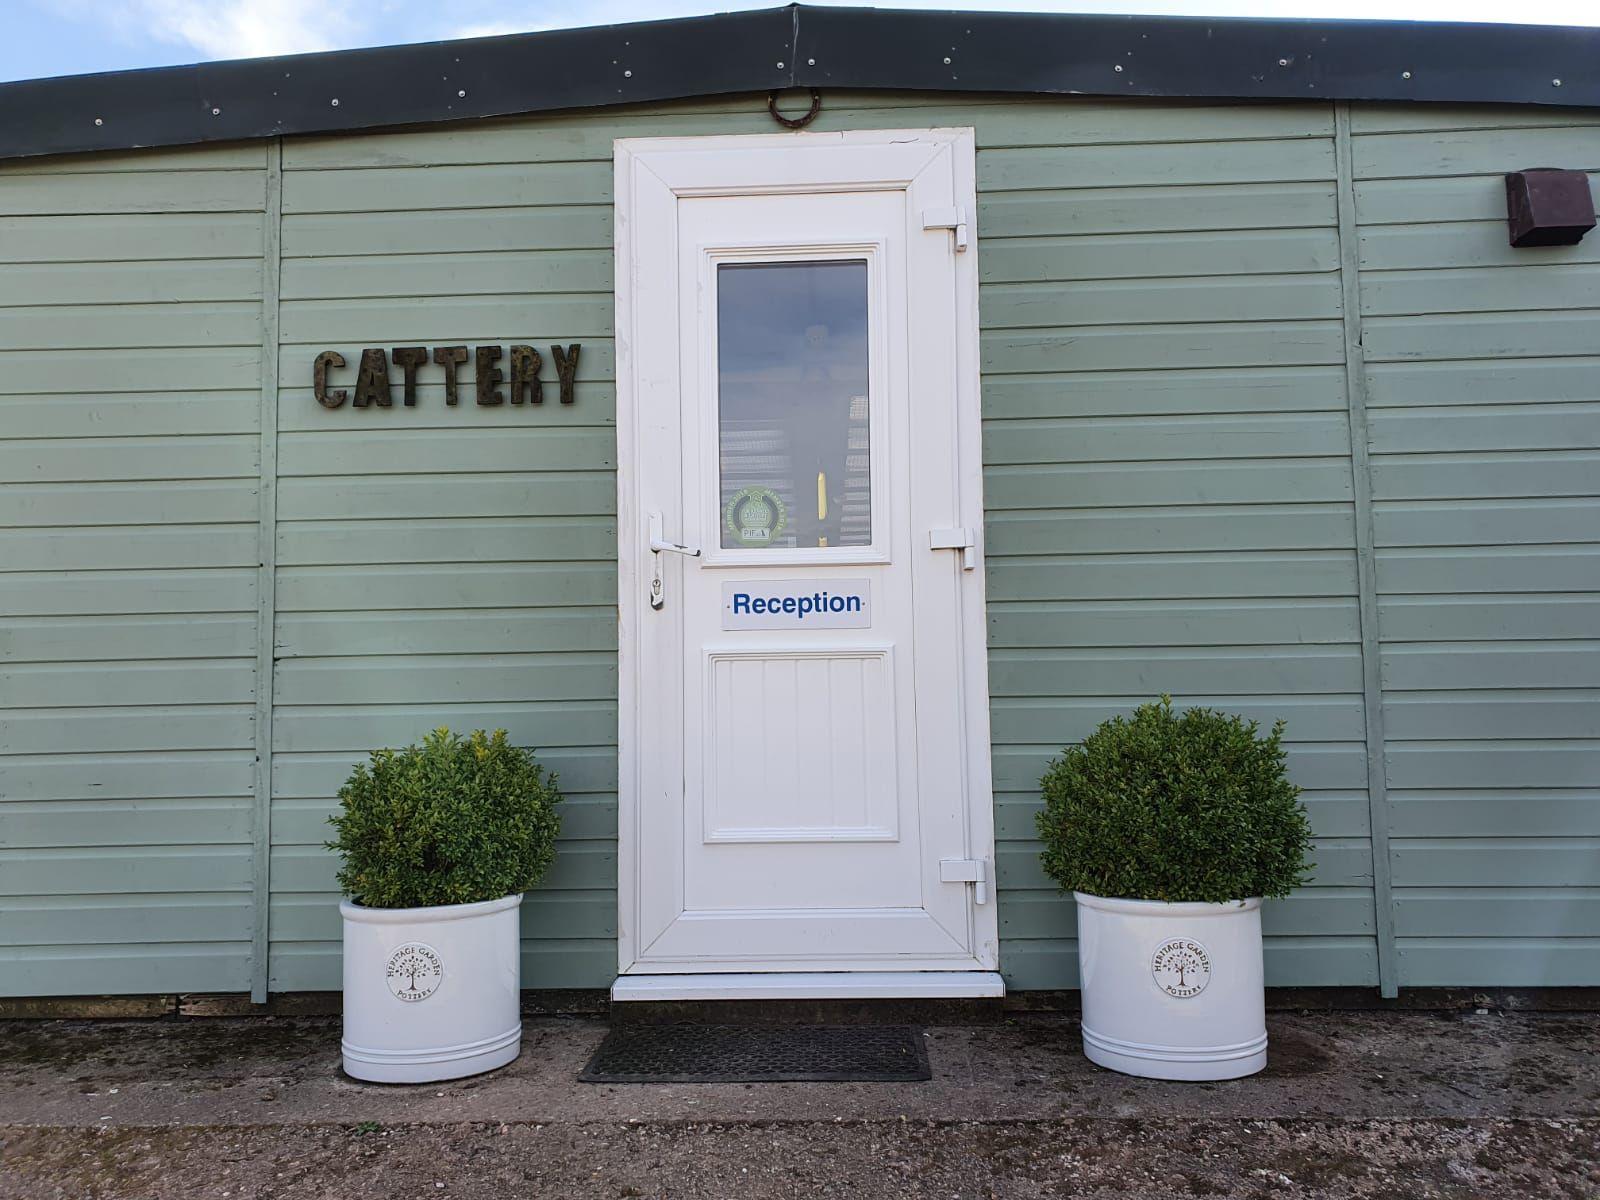 Kingstone Pet Boarding cattery entrance